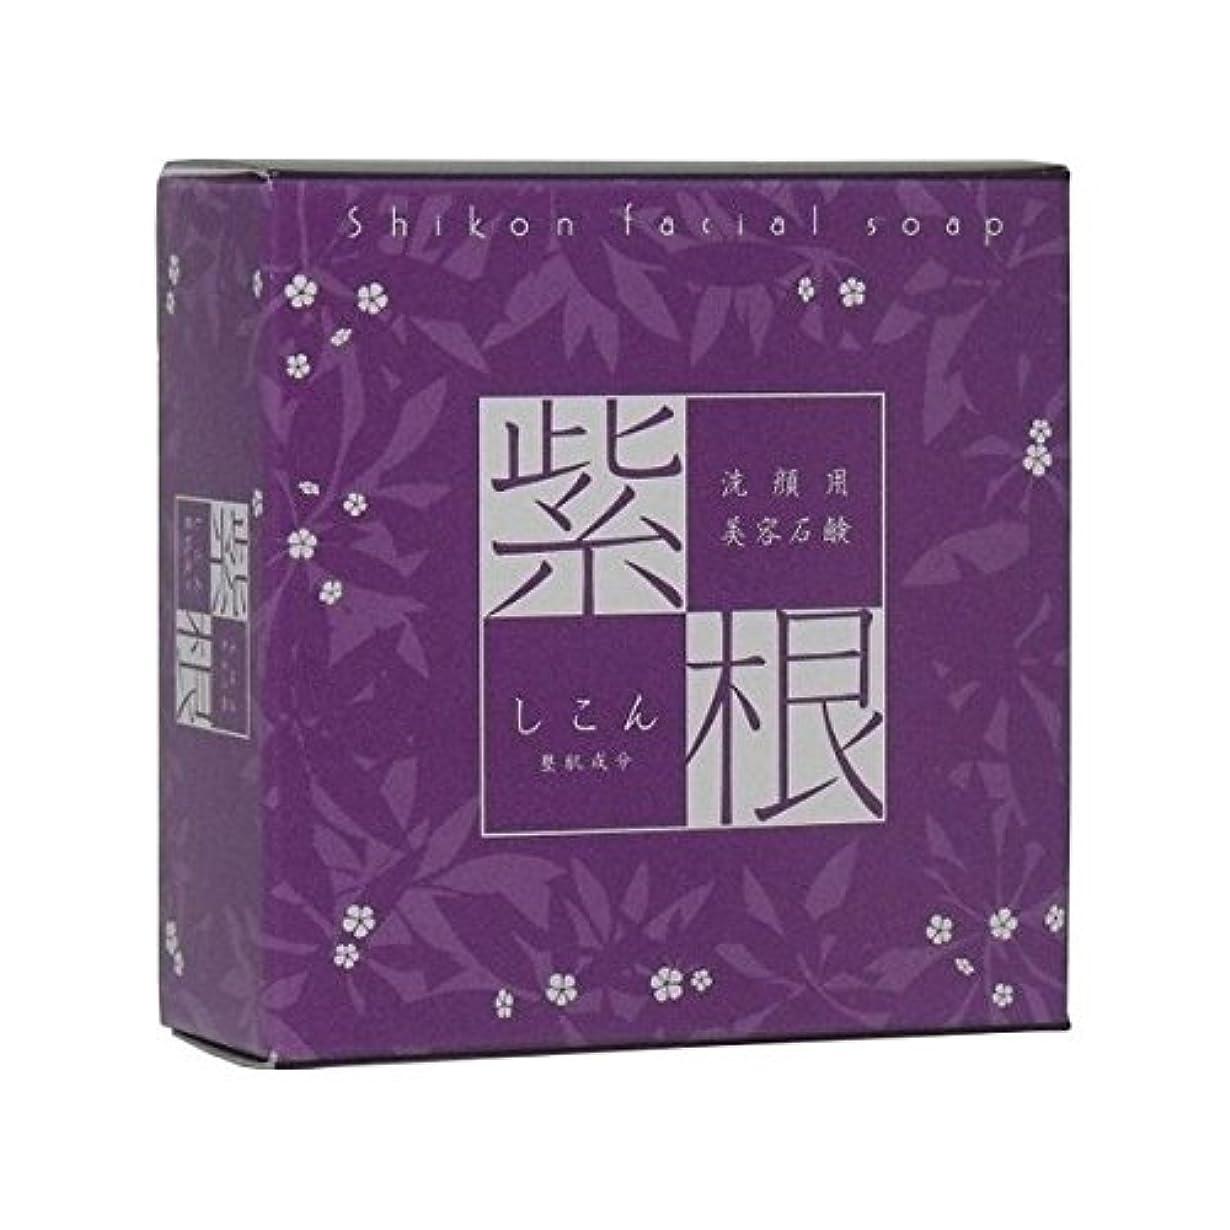 貸す暗いどっちでも紫根石鹸110g(オリジナル泡立てネット付き)3個セット【魔女たちの22時で話題!】